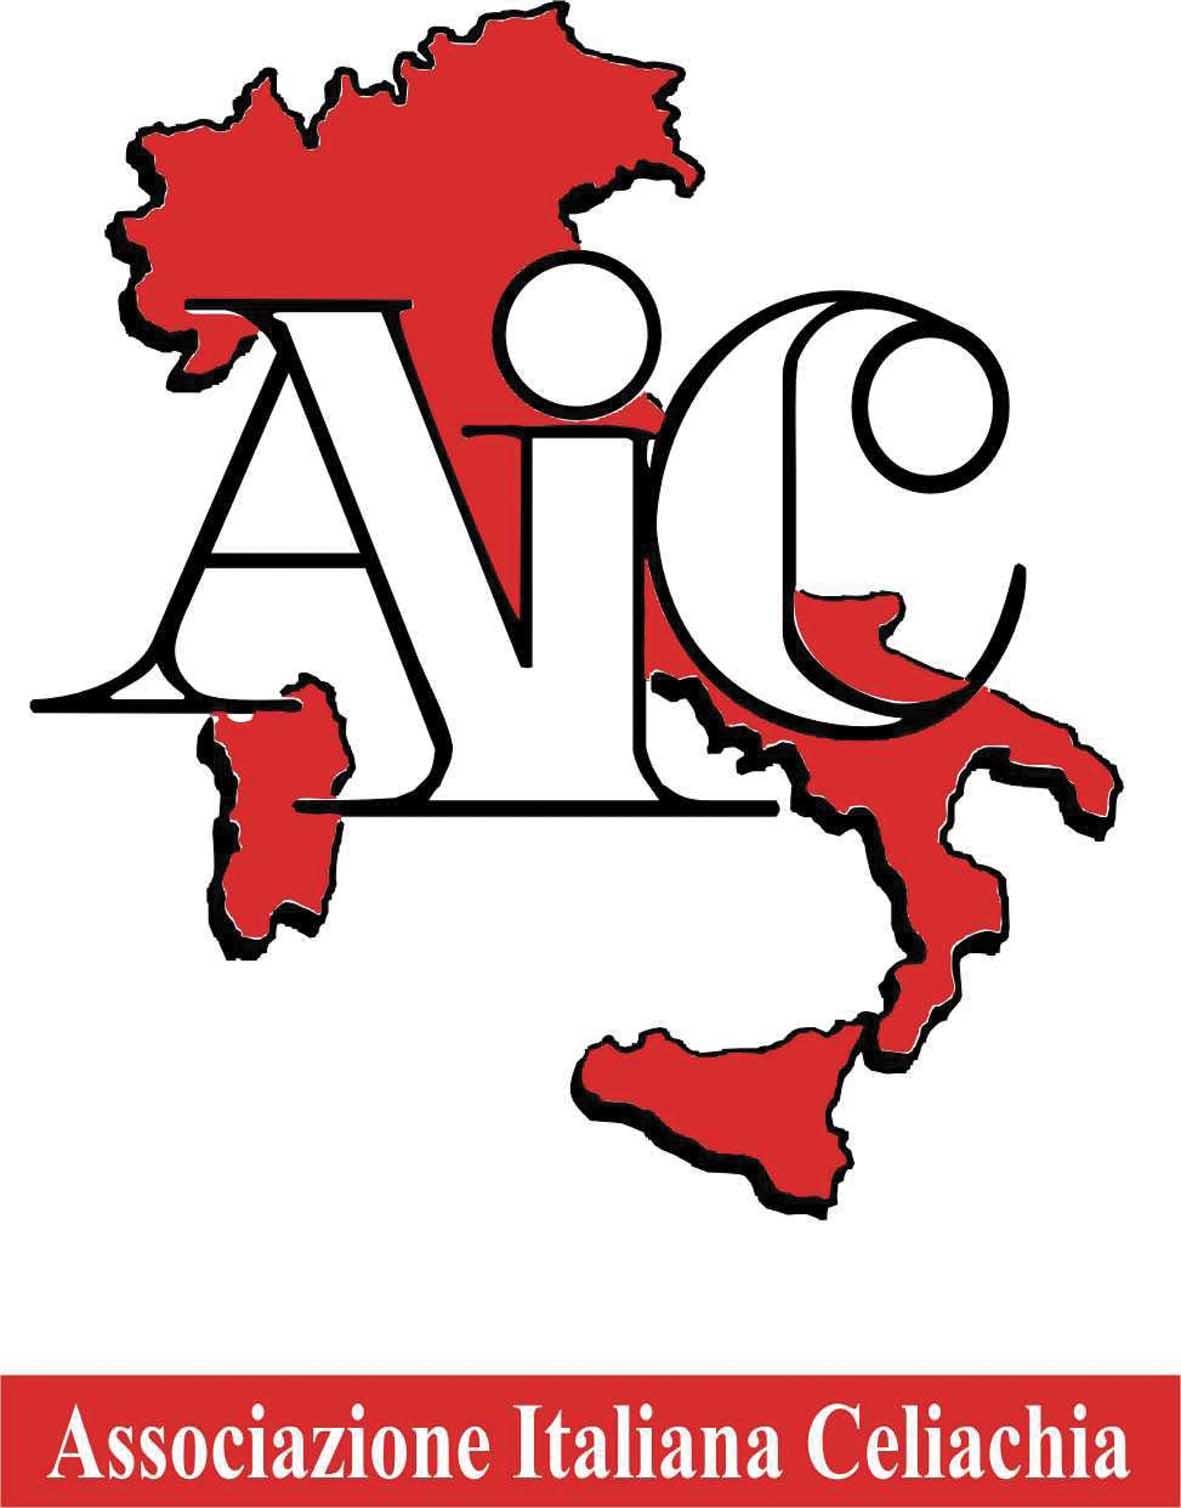 associazione italiana celiachia logo 1